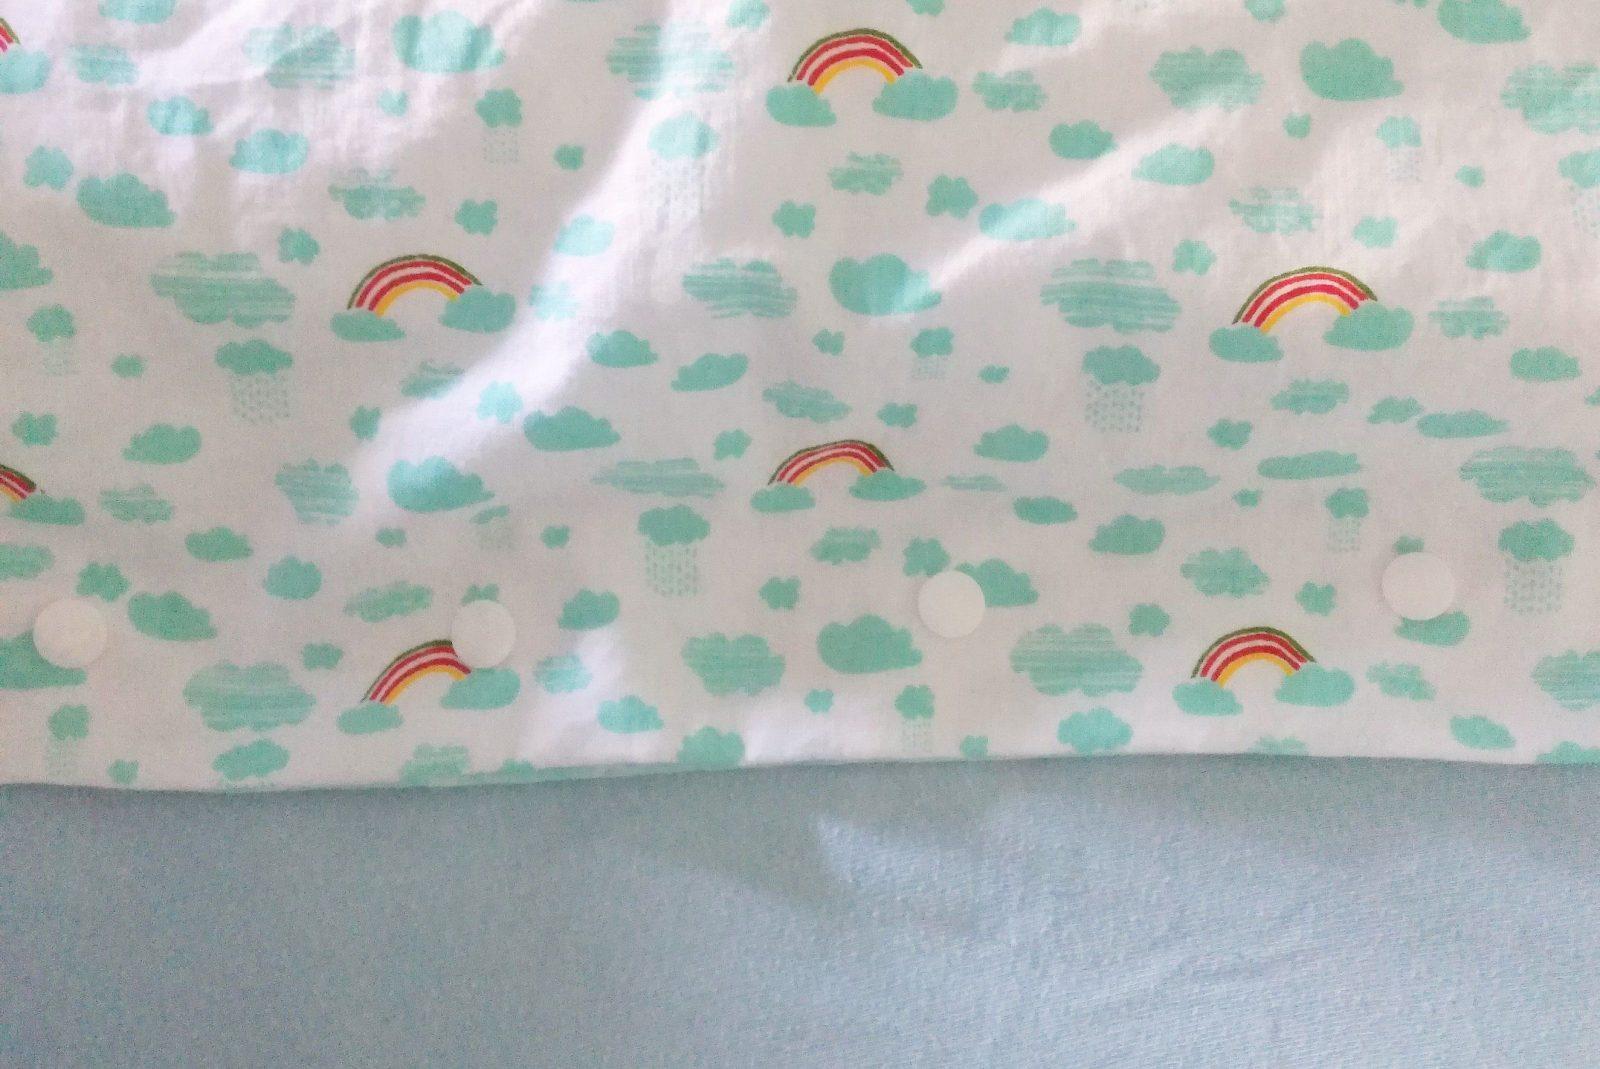 Diyanleitung Kinderbettwäsche Ganz Einfach Selber Nähen von Baby Bettwäsche Nähen Bild